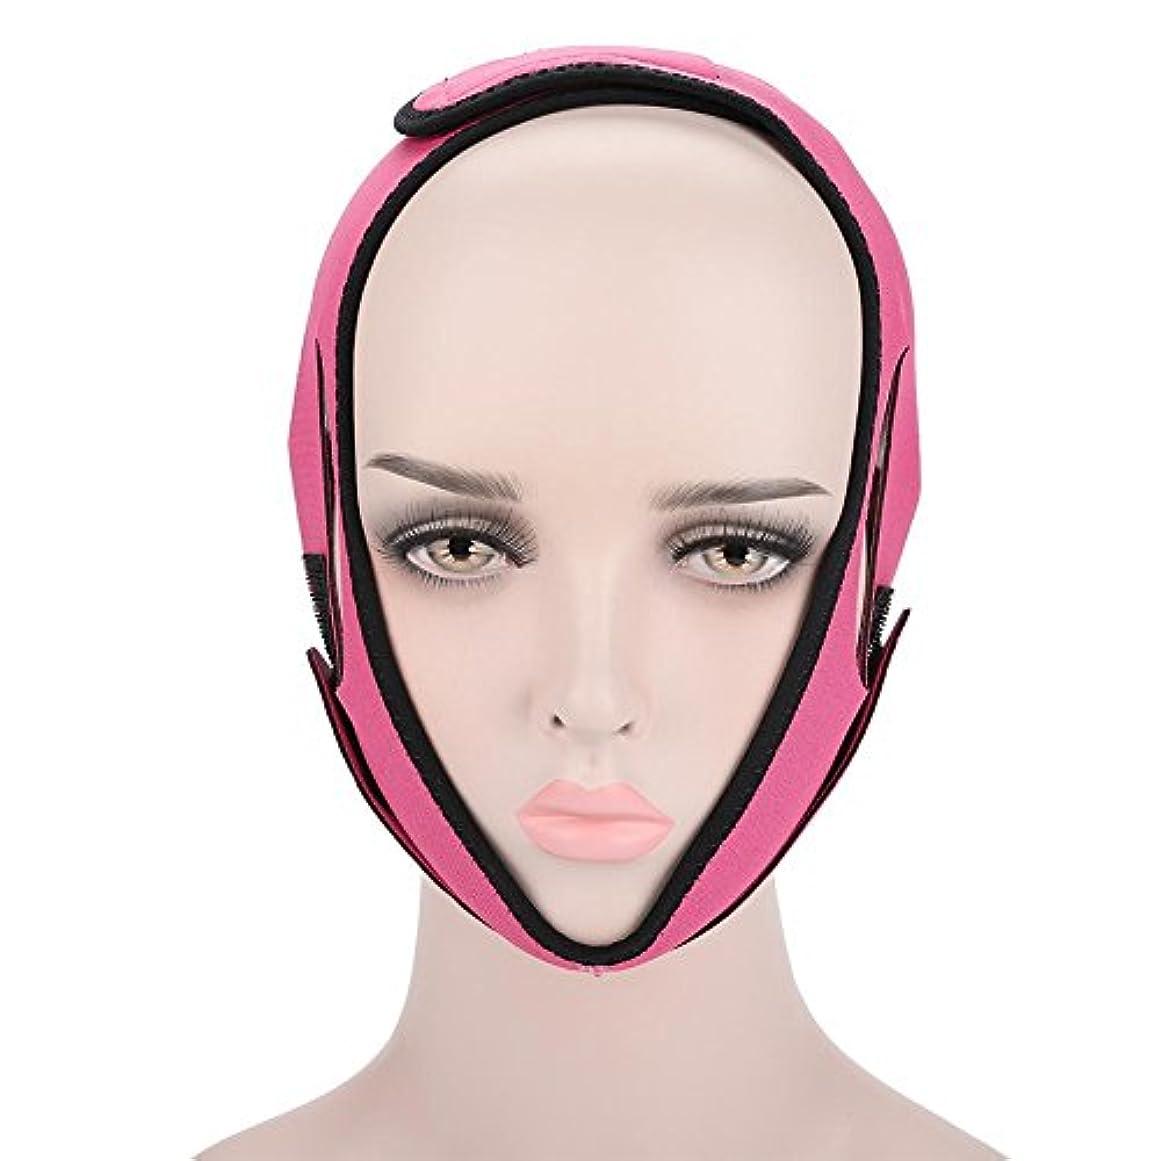 改善賛美歌つかむフェイススリミング包帯 顔の包帯フェイシャルスリミングマスクフェイシャルケアのためのフェイシャルベルト薄い首のフェイスリフトダブルチン女性のための(3#)